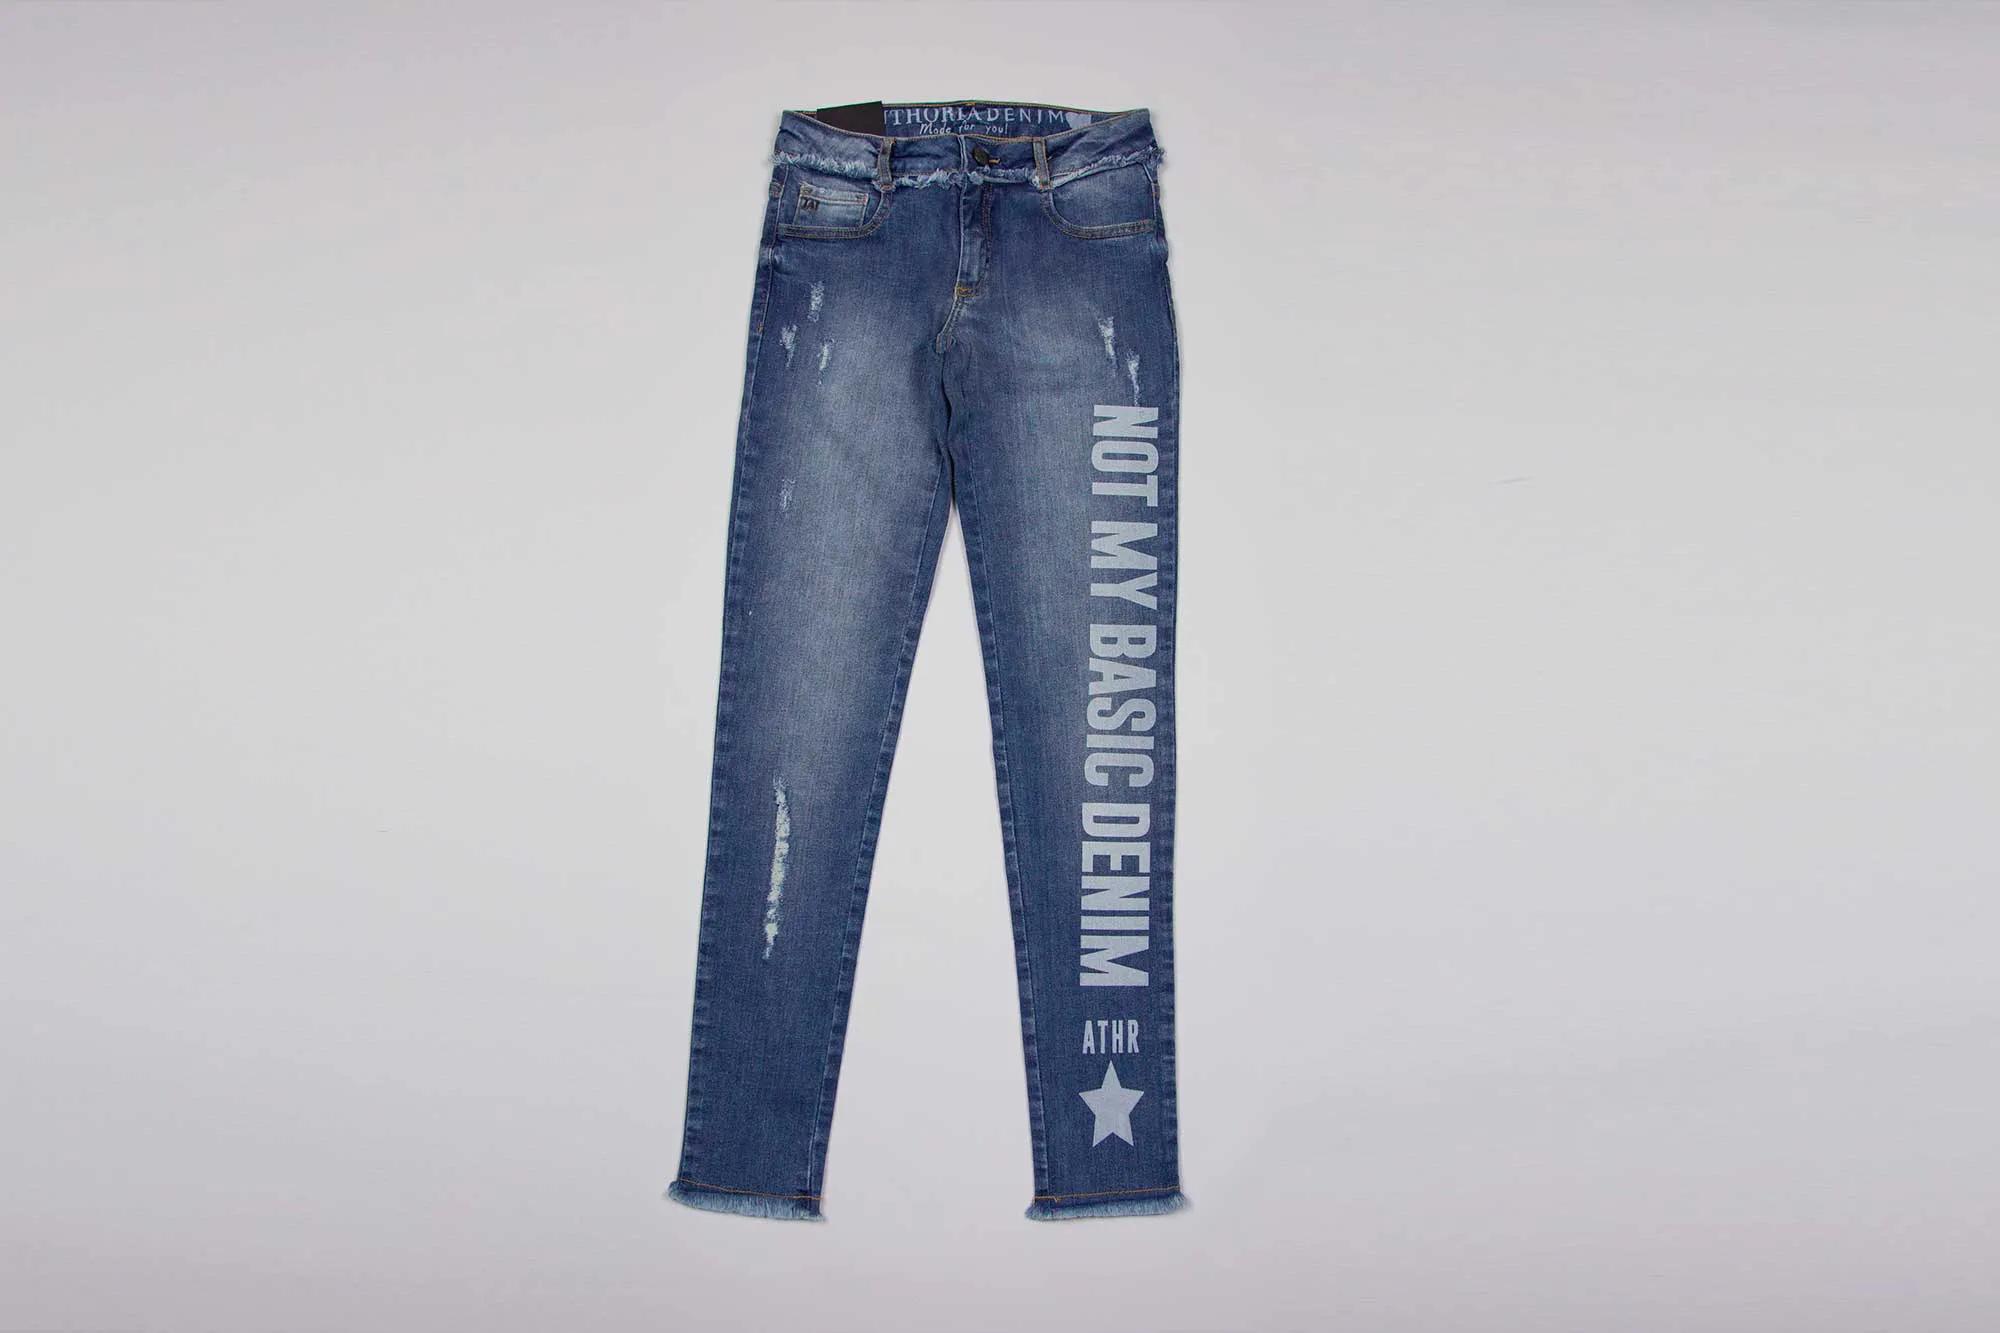 Calça Jeans Desfiada Authoria